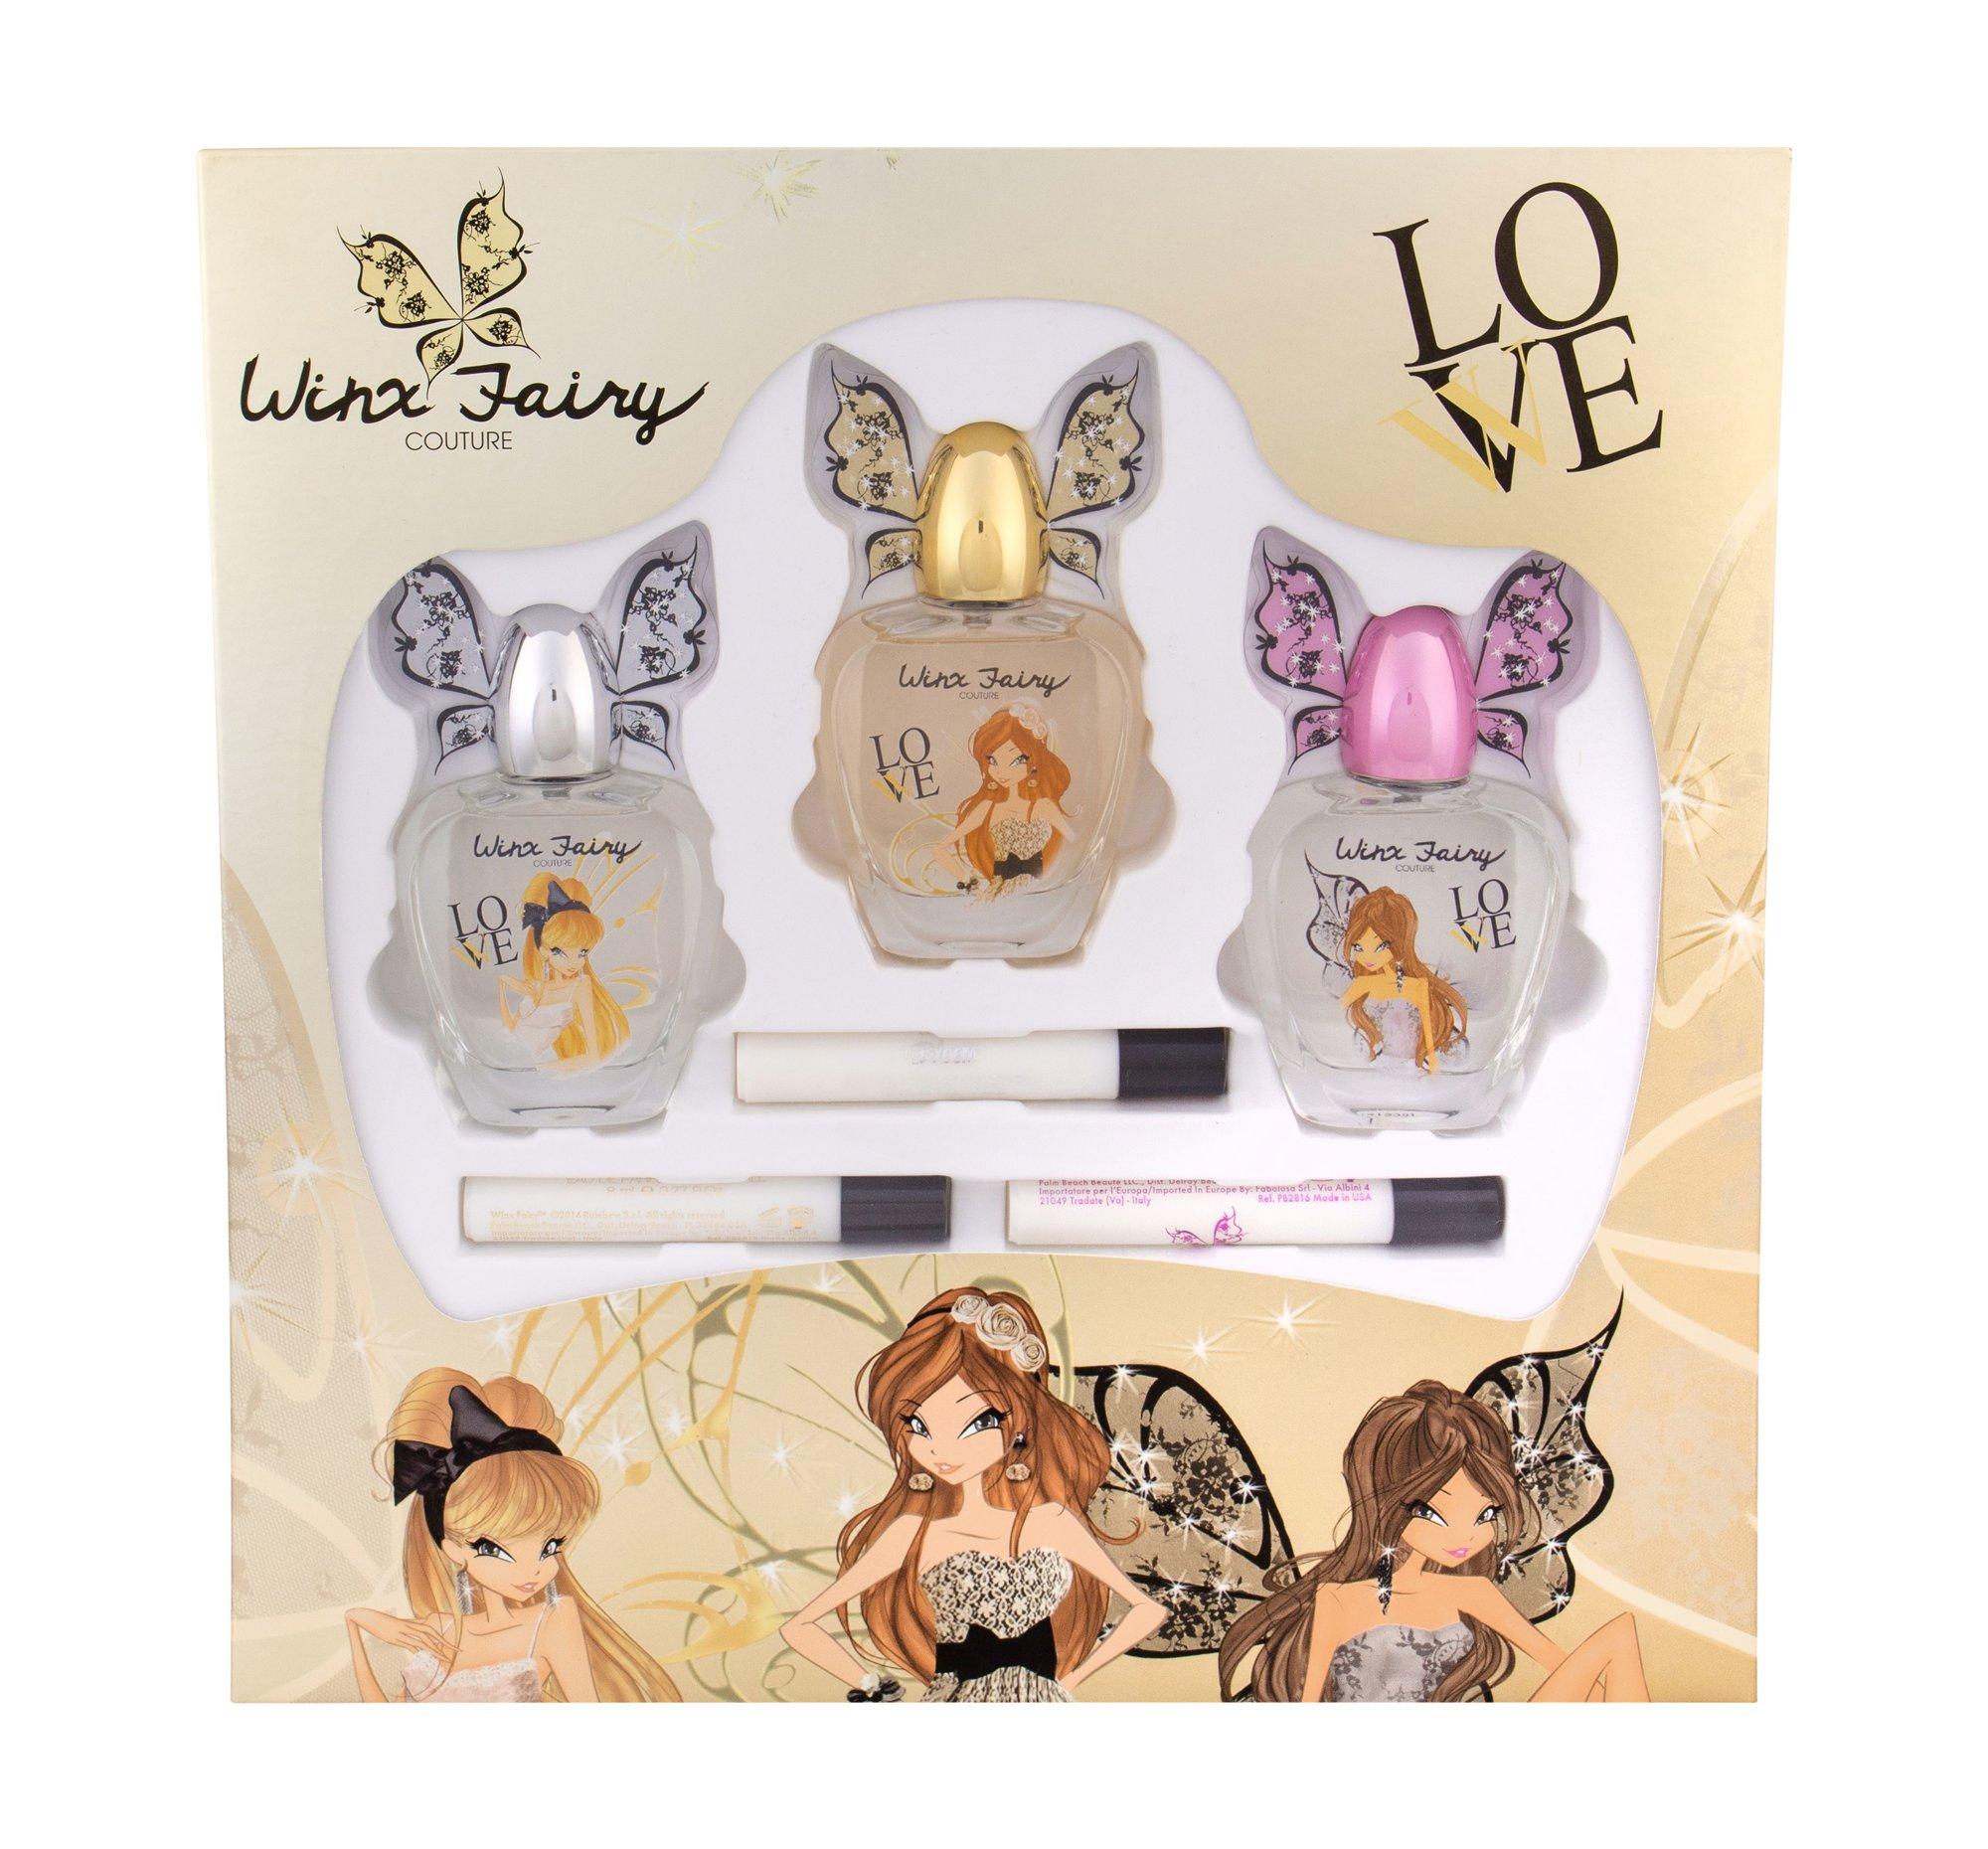 Winx Fairy Couture Collection Eau de Toilette 3x58ml